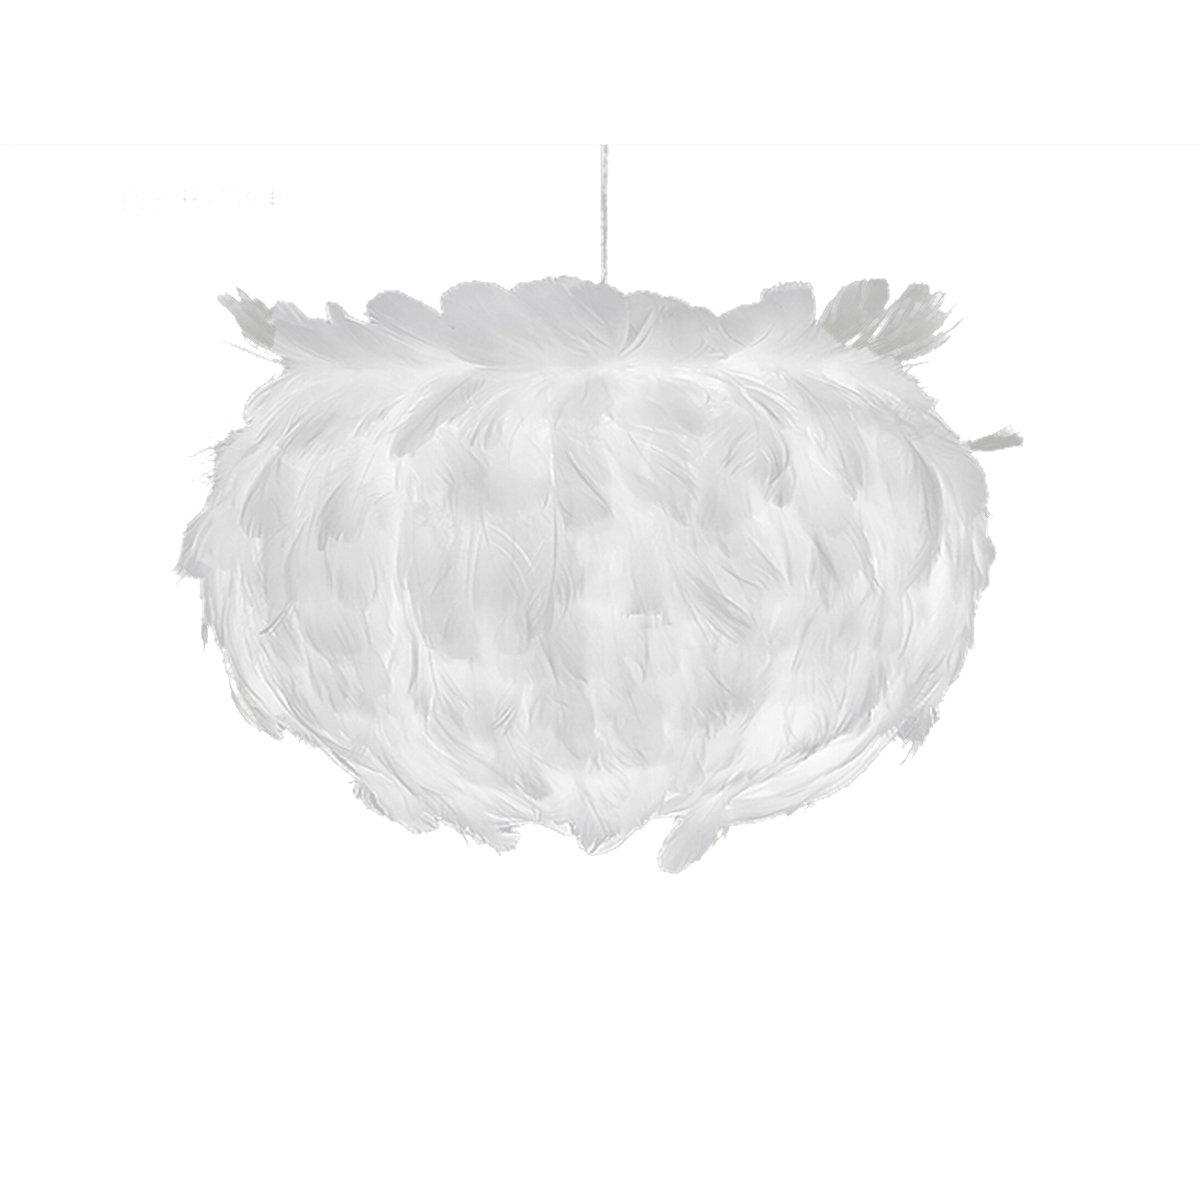 Frcolor Araña de Plumas, Colgante de Plumas de Decoración Contemporánea, de para Iluminación de Contemporánea, la Tienda Decoración de Sala de Estar - Tamaño pequeño (la luz blanca) a8838c